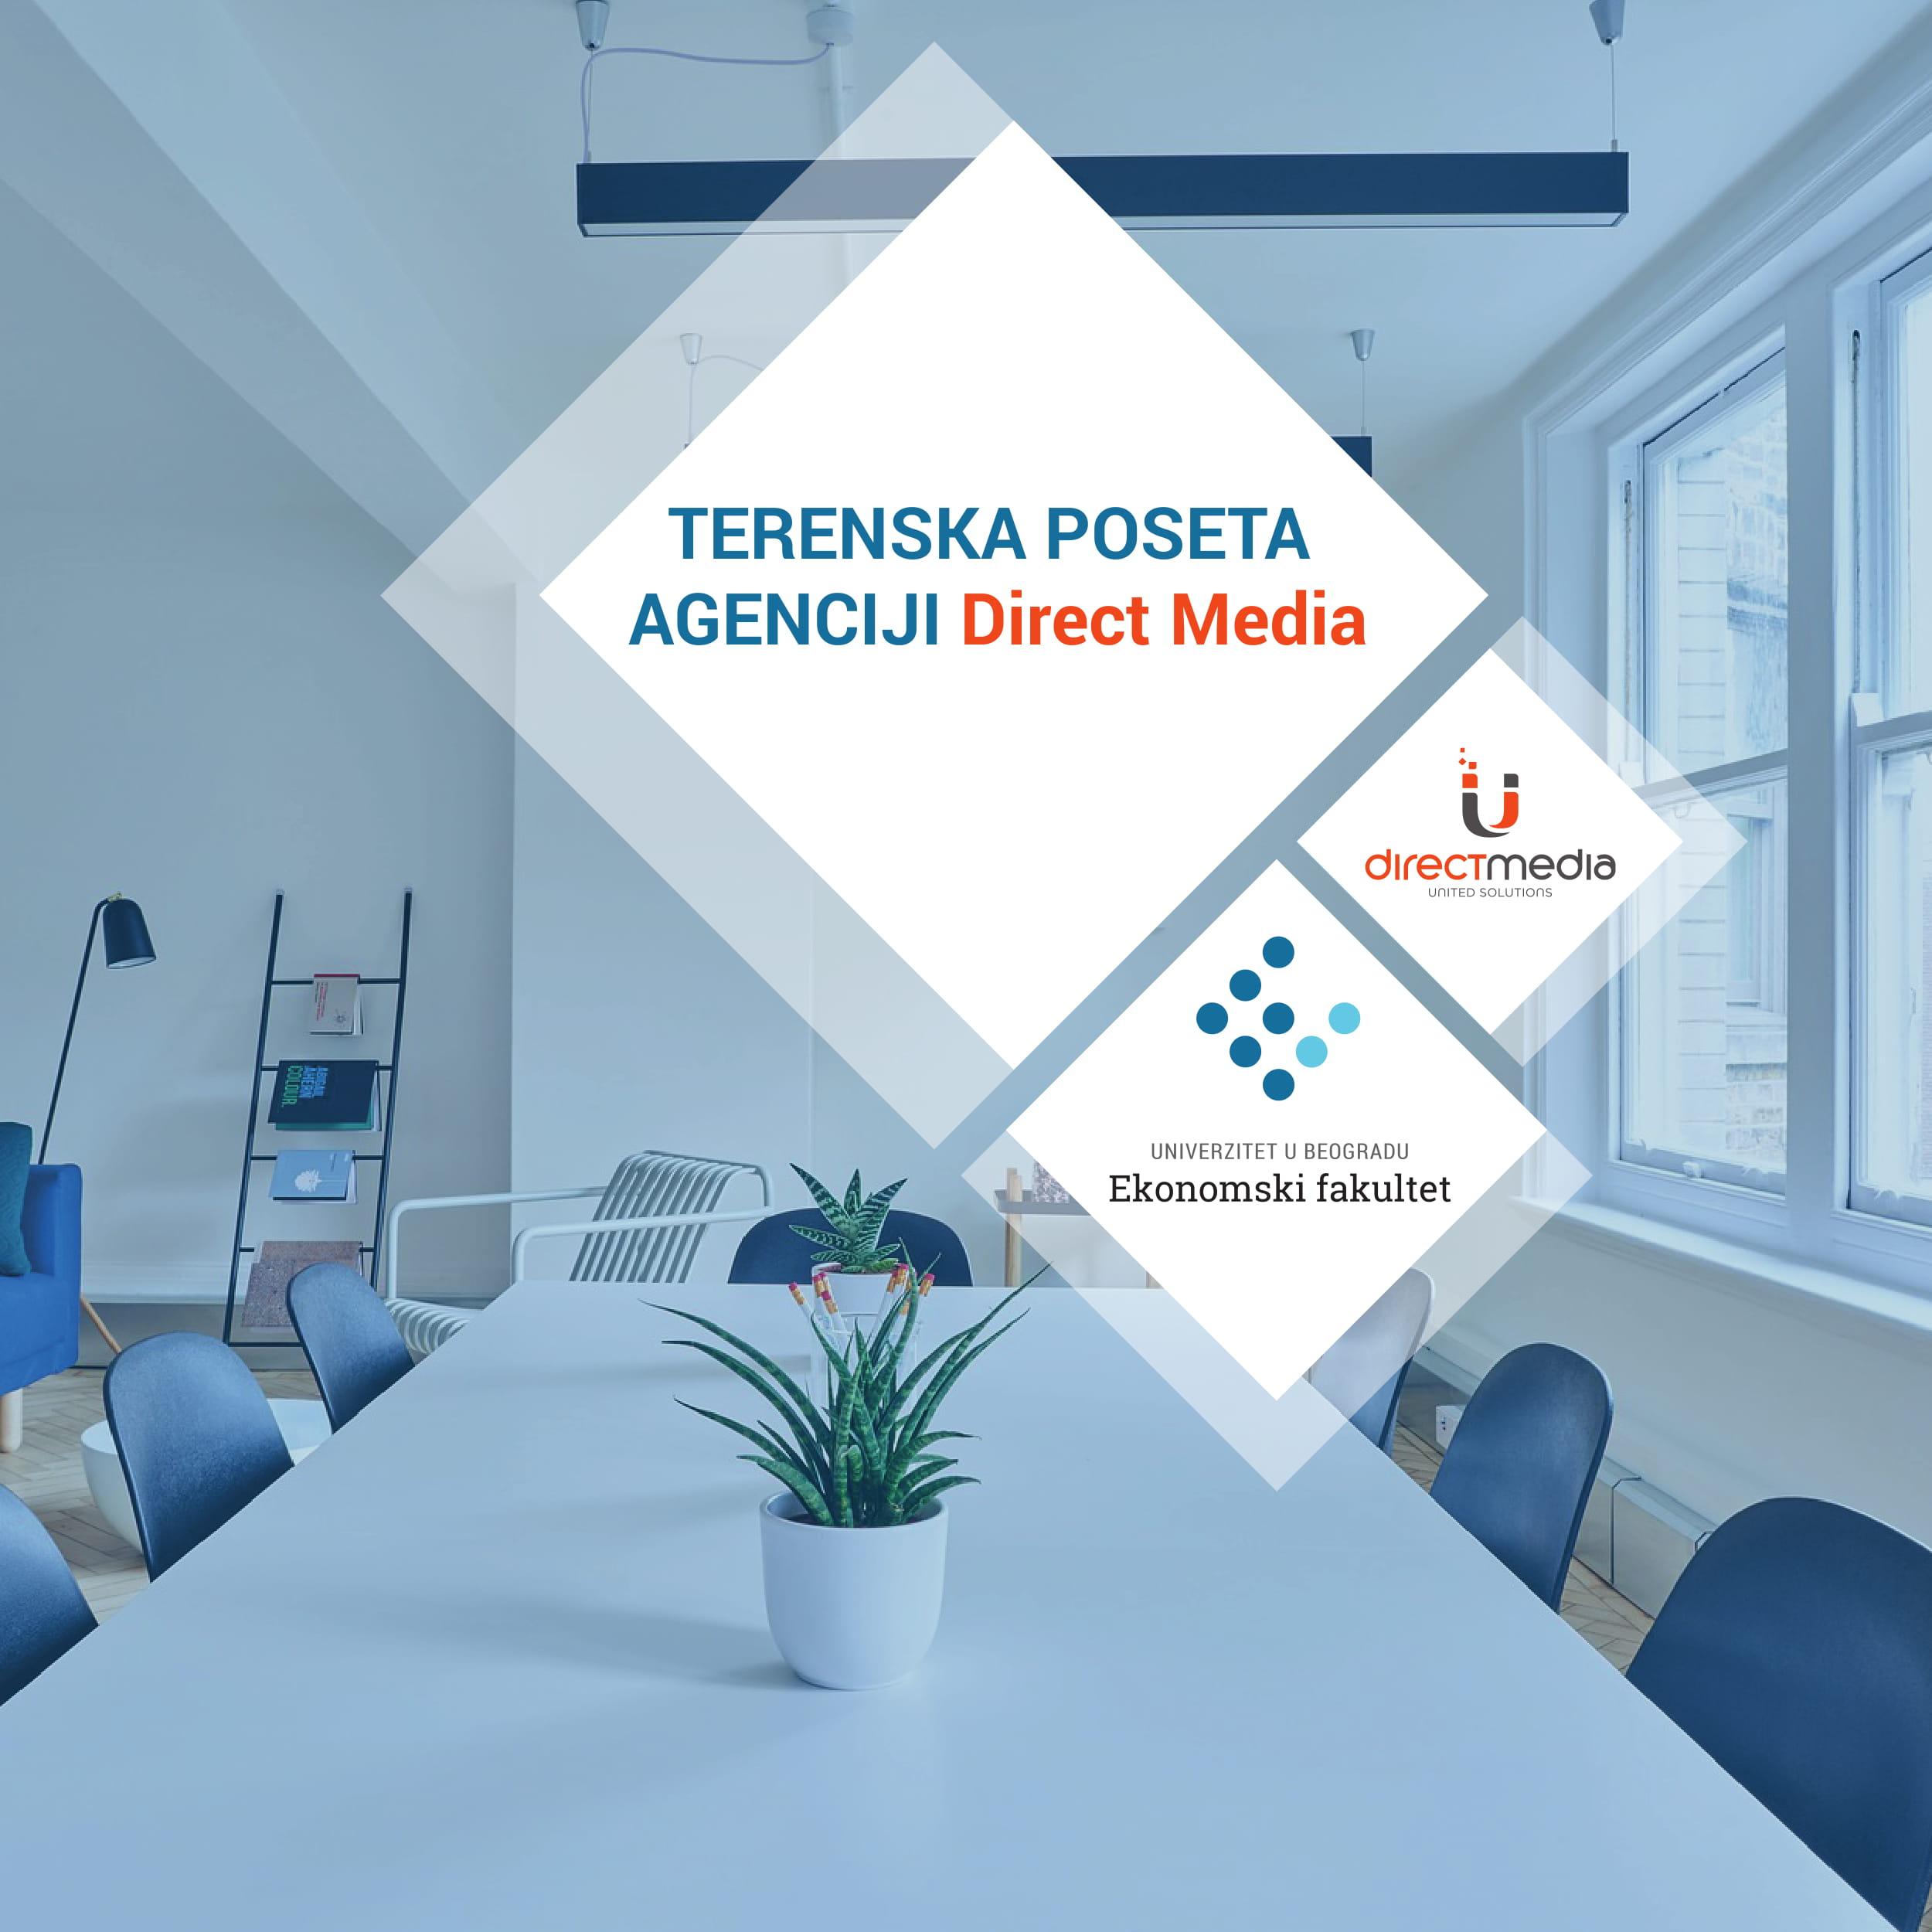 TERENSKA POSETA, DIRECT MEDIA-1